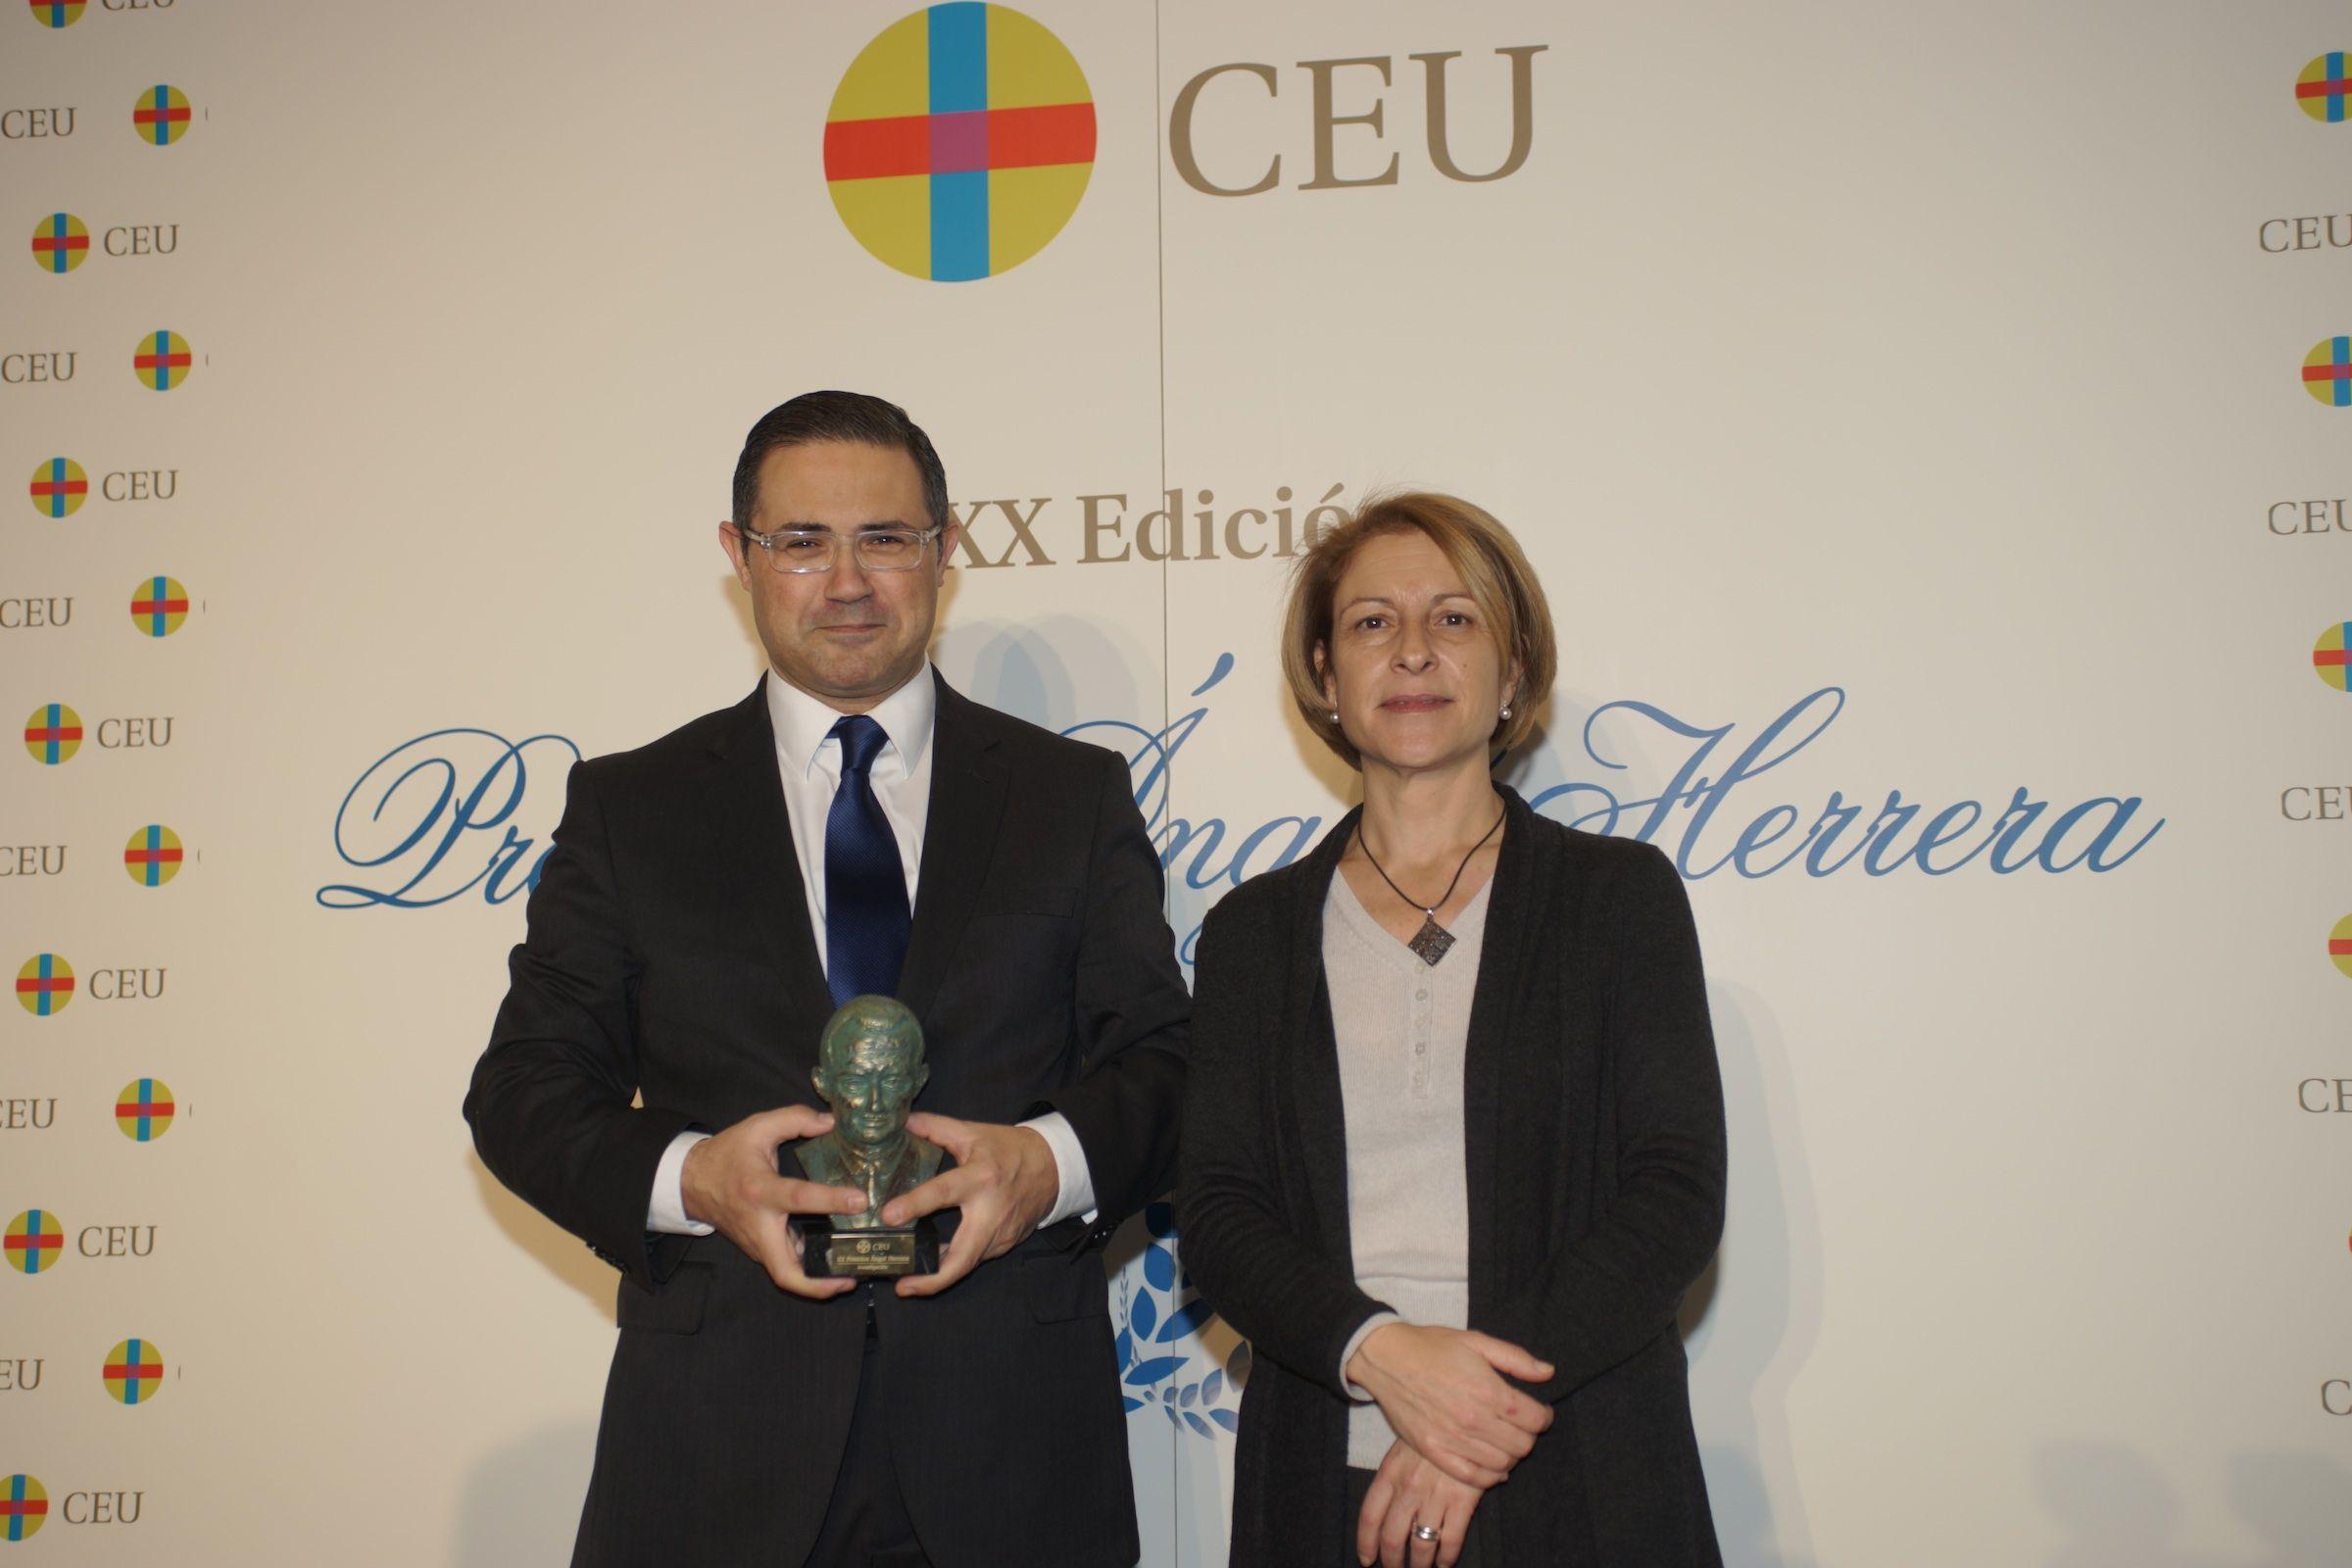 El profesor Emilio García-Sáncez, junto a la rectora Rosa Visiedo, en el acto de la Festividad de la Conversión de San Pablo celebrado en Madrid.